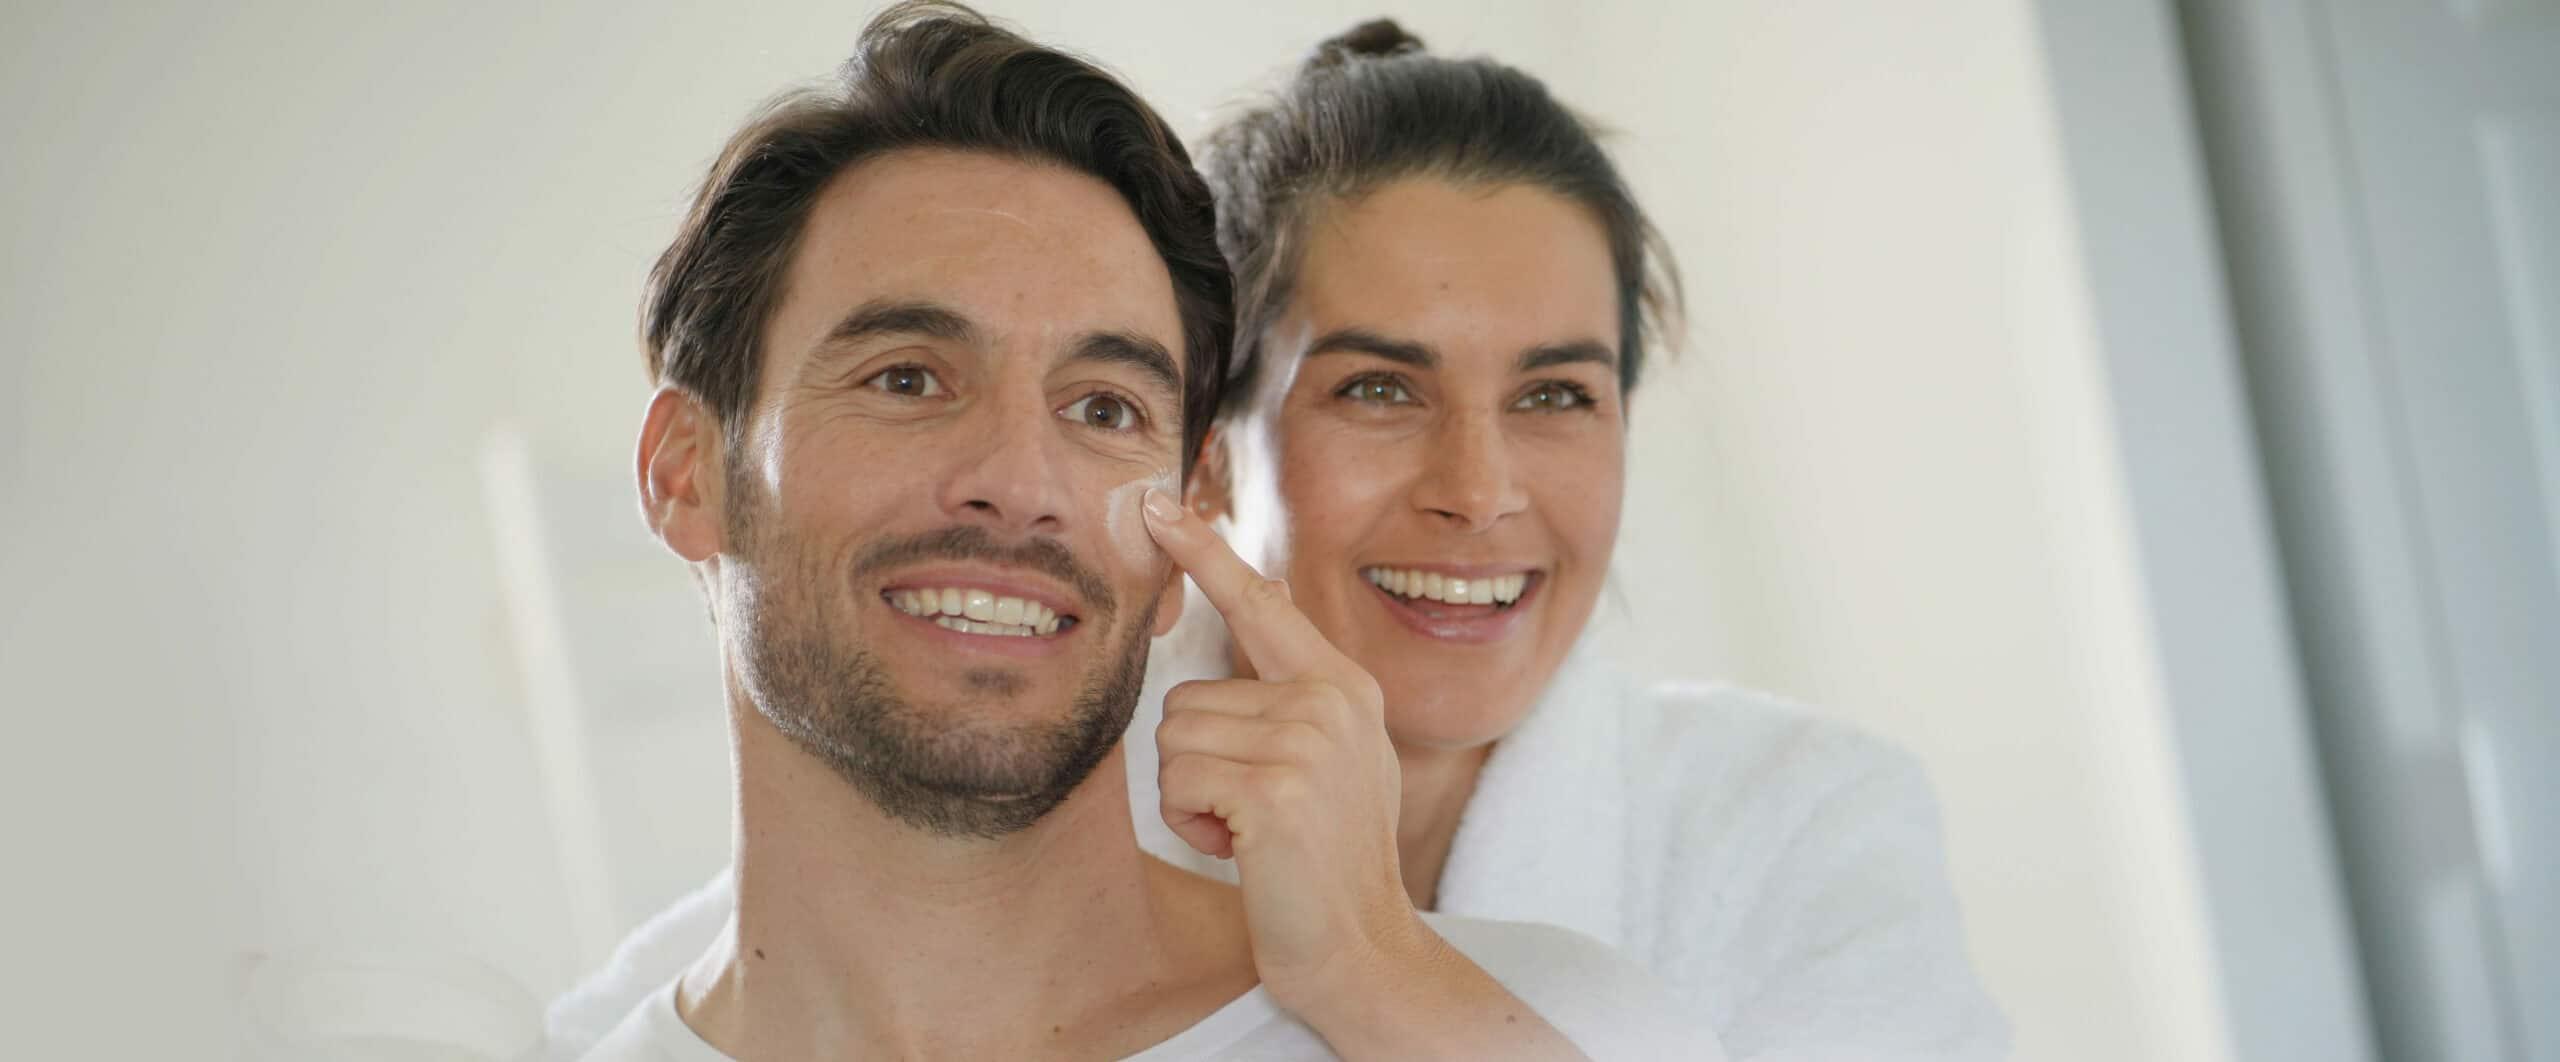 Huidverzorging delen, het toppunt van romantiek